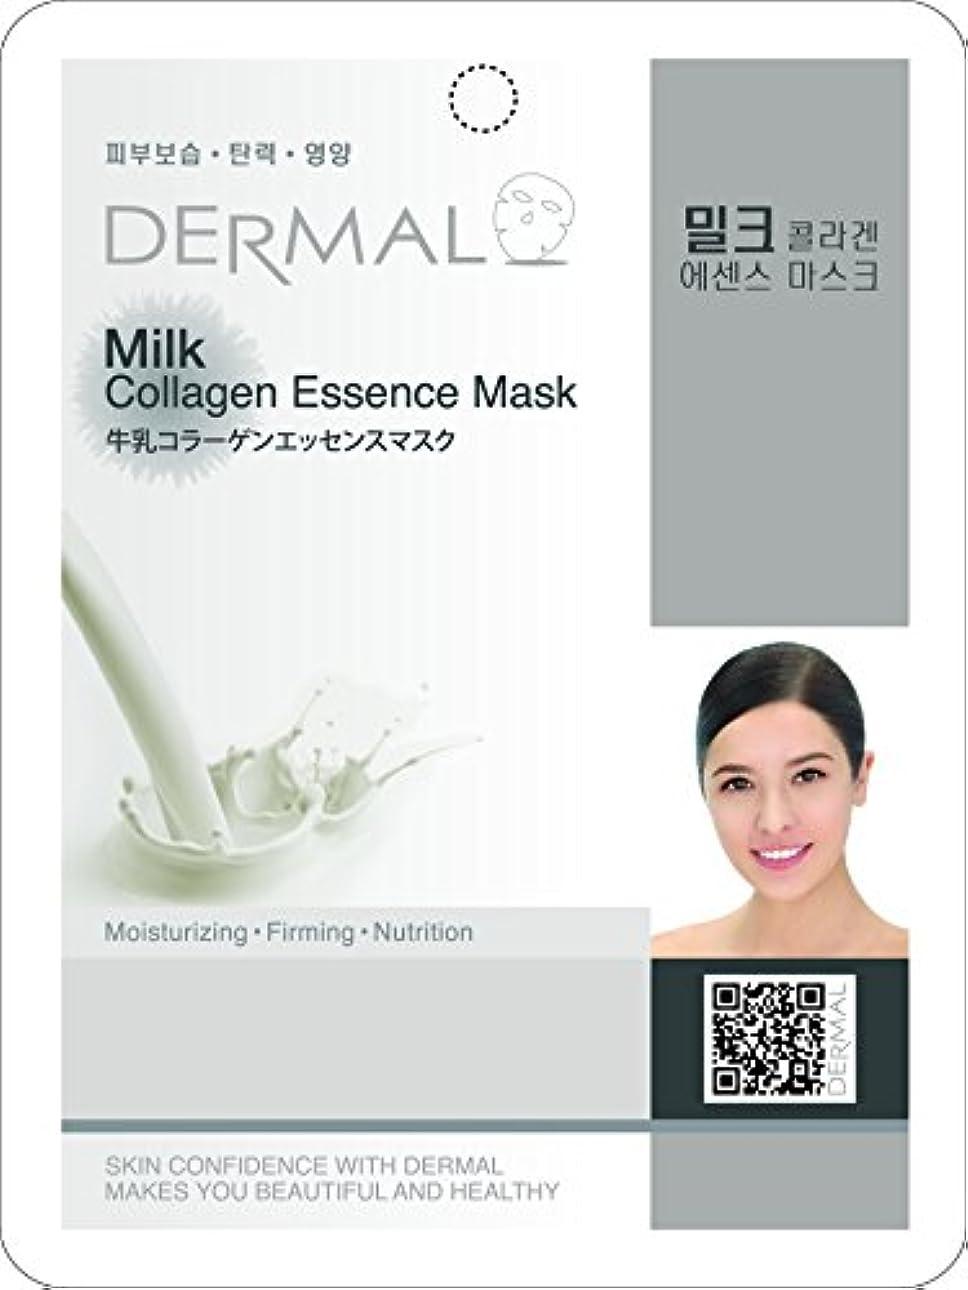 ただやる帳面パン屋ミルクシートマスク(フェイスパック) 10枚セット ダーマル(Dermal)